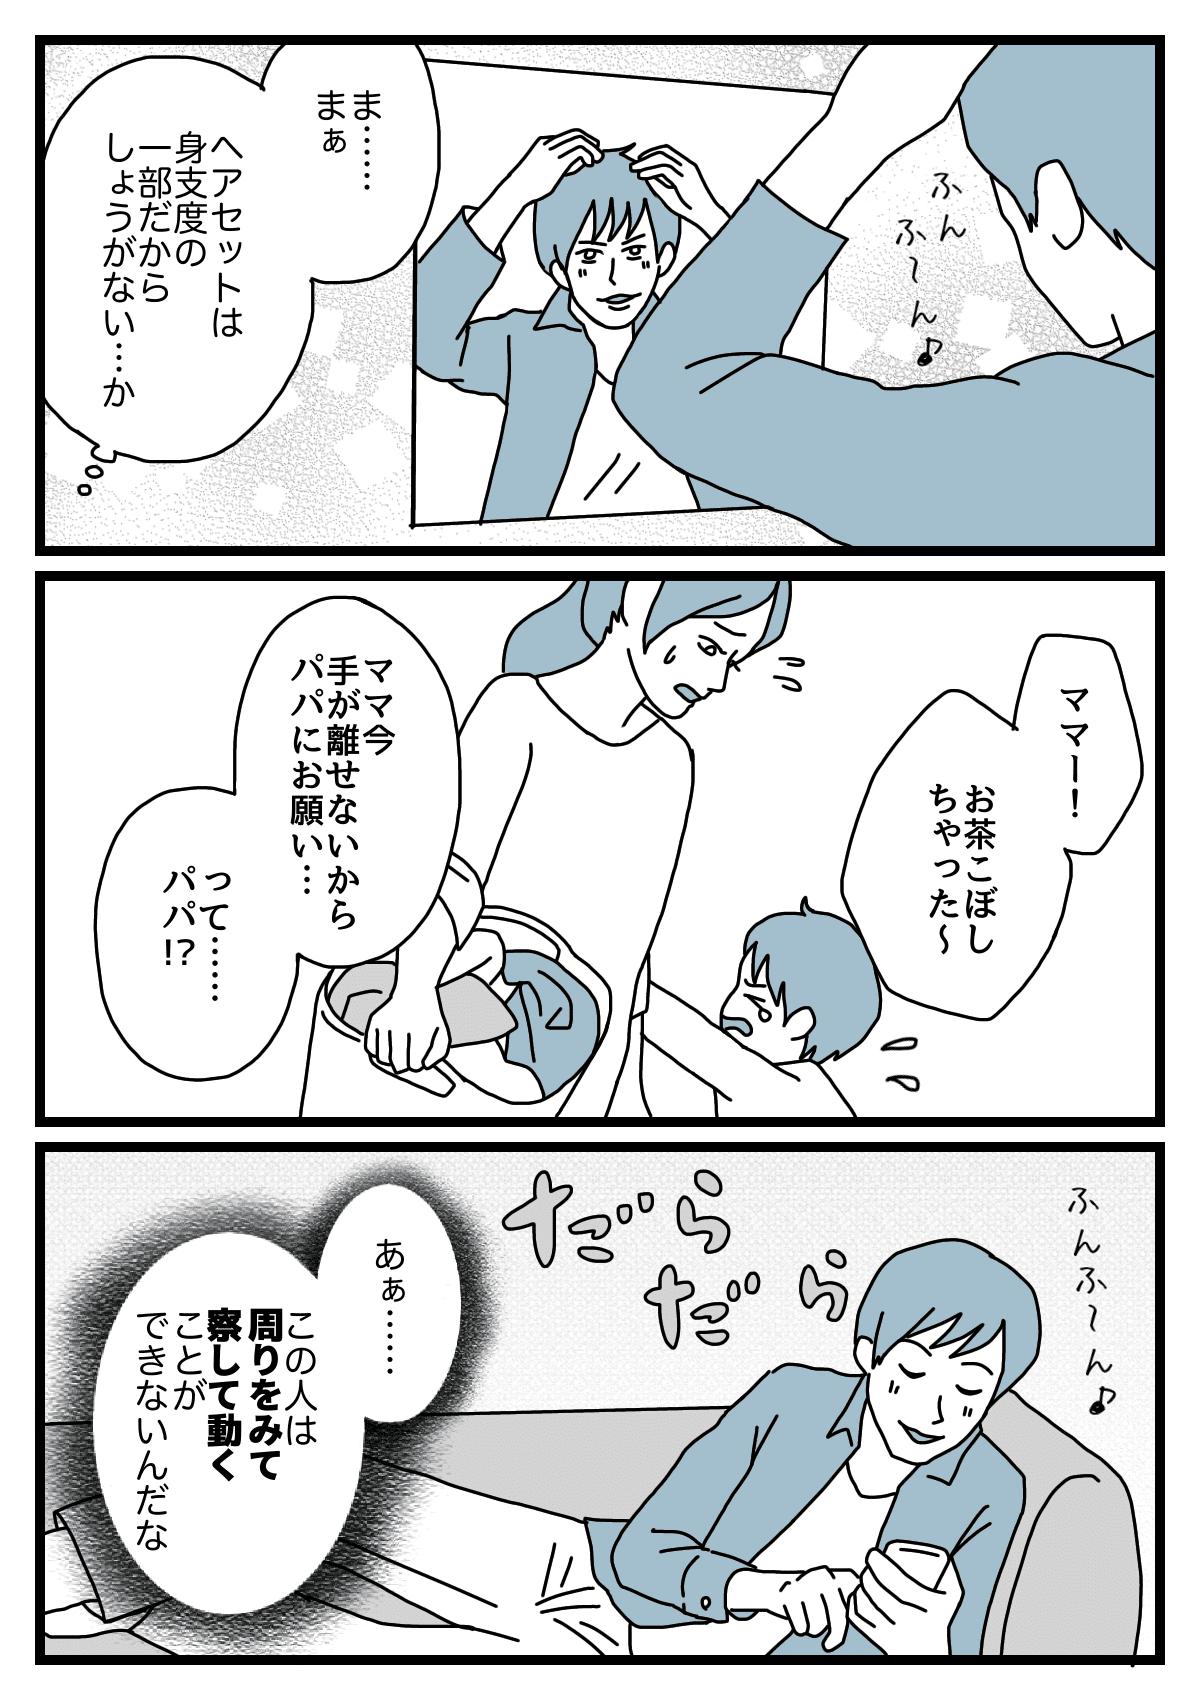 【後編】お出かけ2